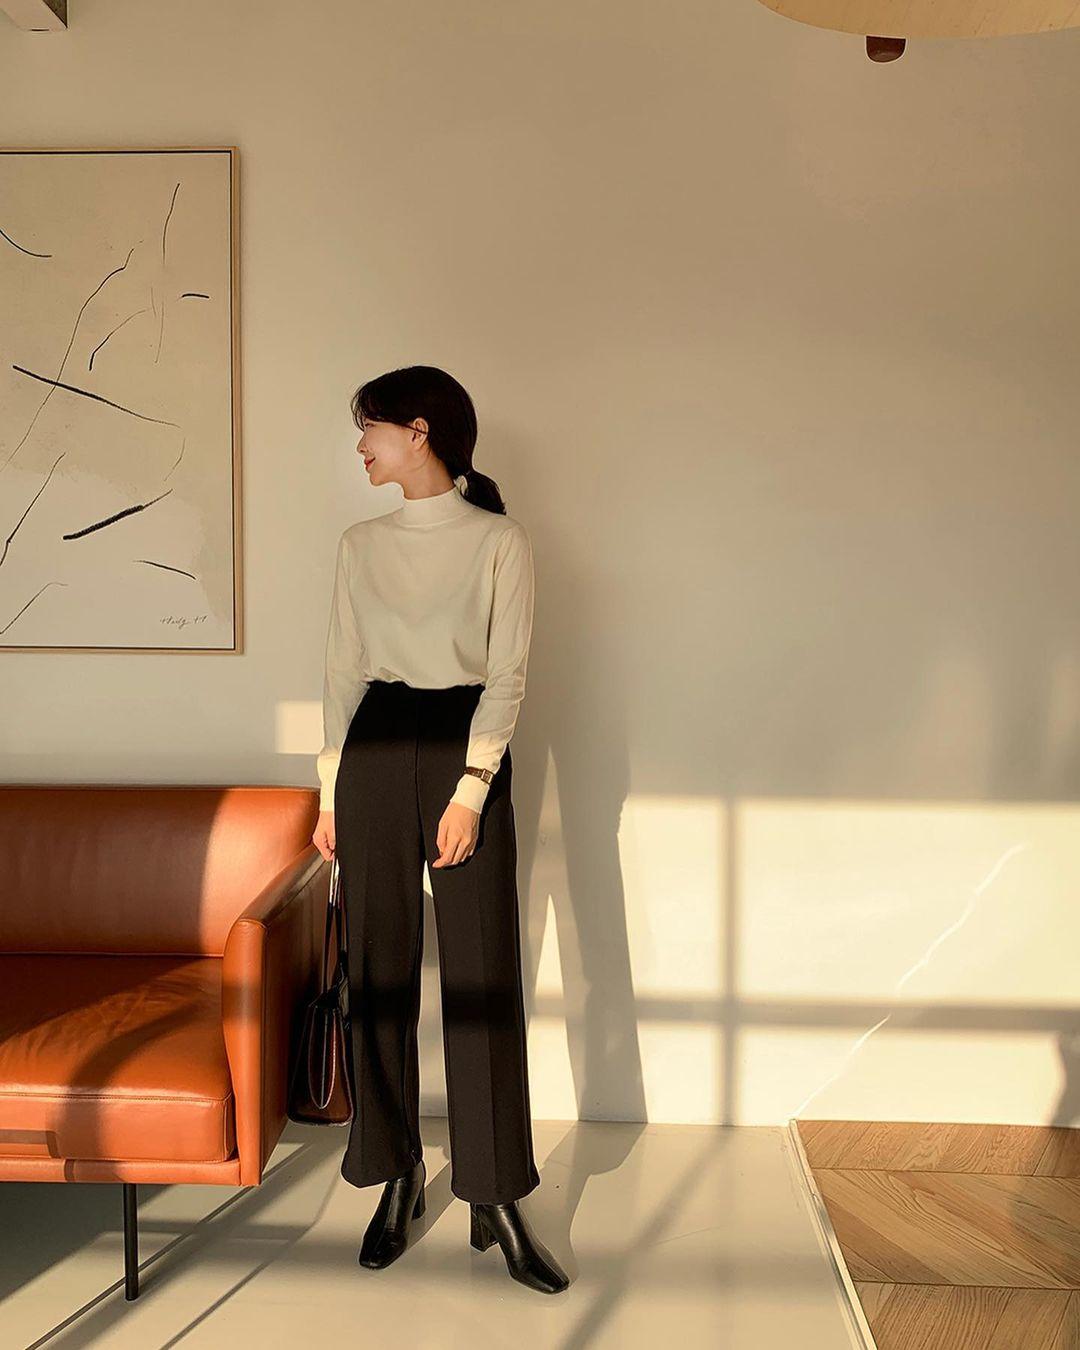 Gái Hàn diện quần đen rất nhiều nhưng luôn xịn đẹp chứ không nhàm chán, đó là vì họ có 4 tips - Ảnh 8